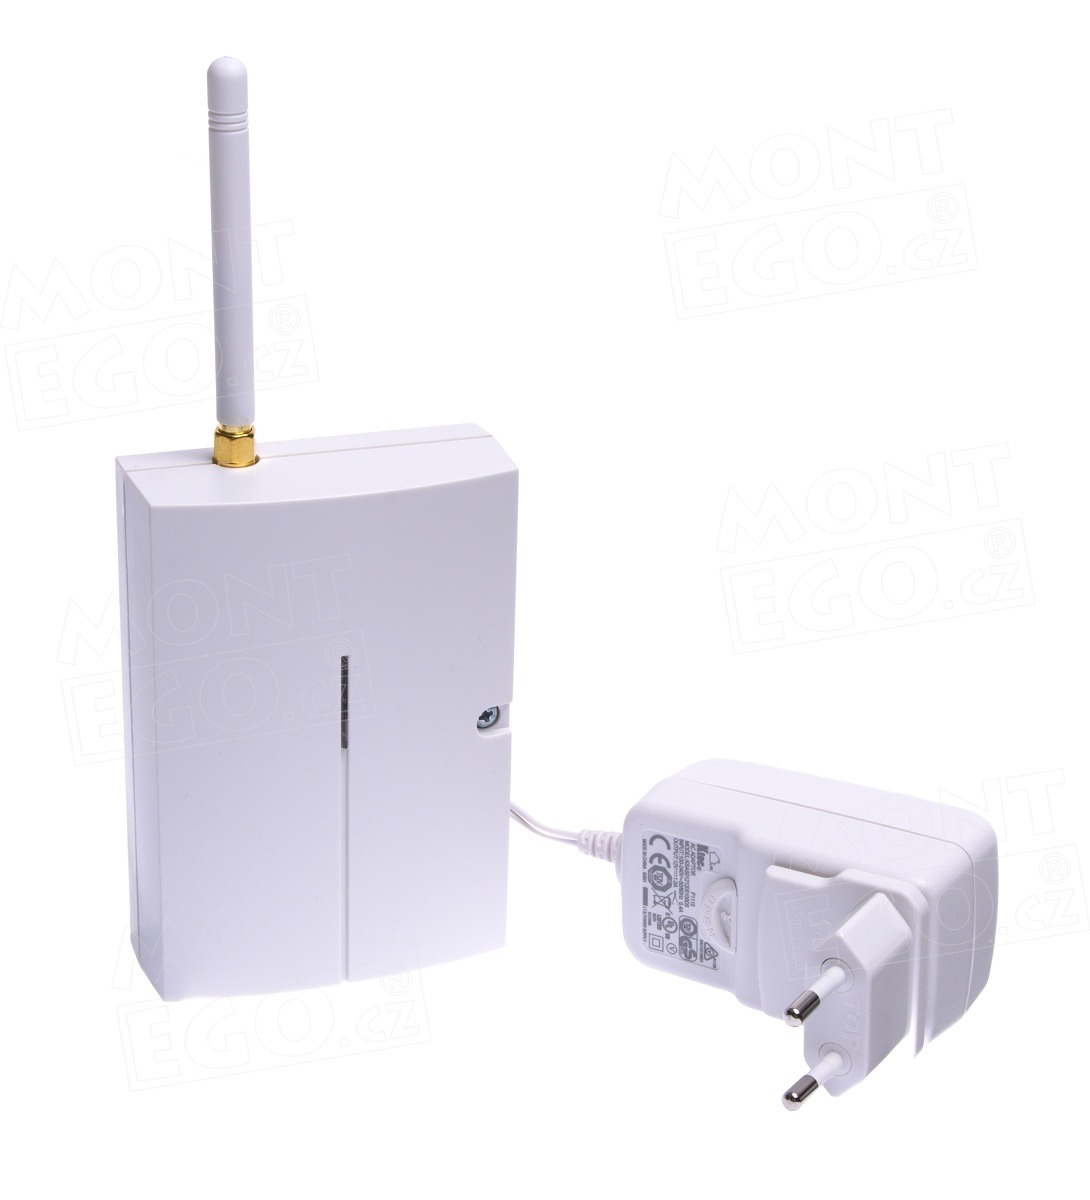 GD-04K GSM ovladač (klíč) pro ovládání vrat mobilem GD 04K David